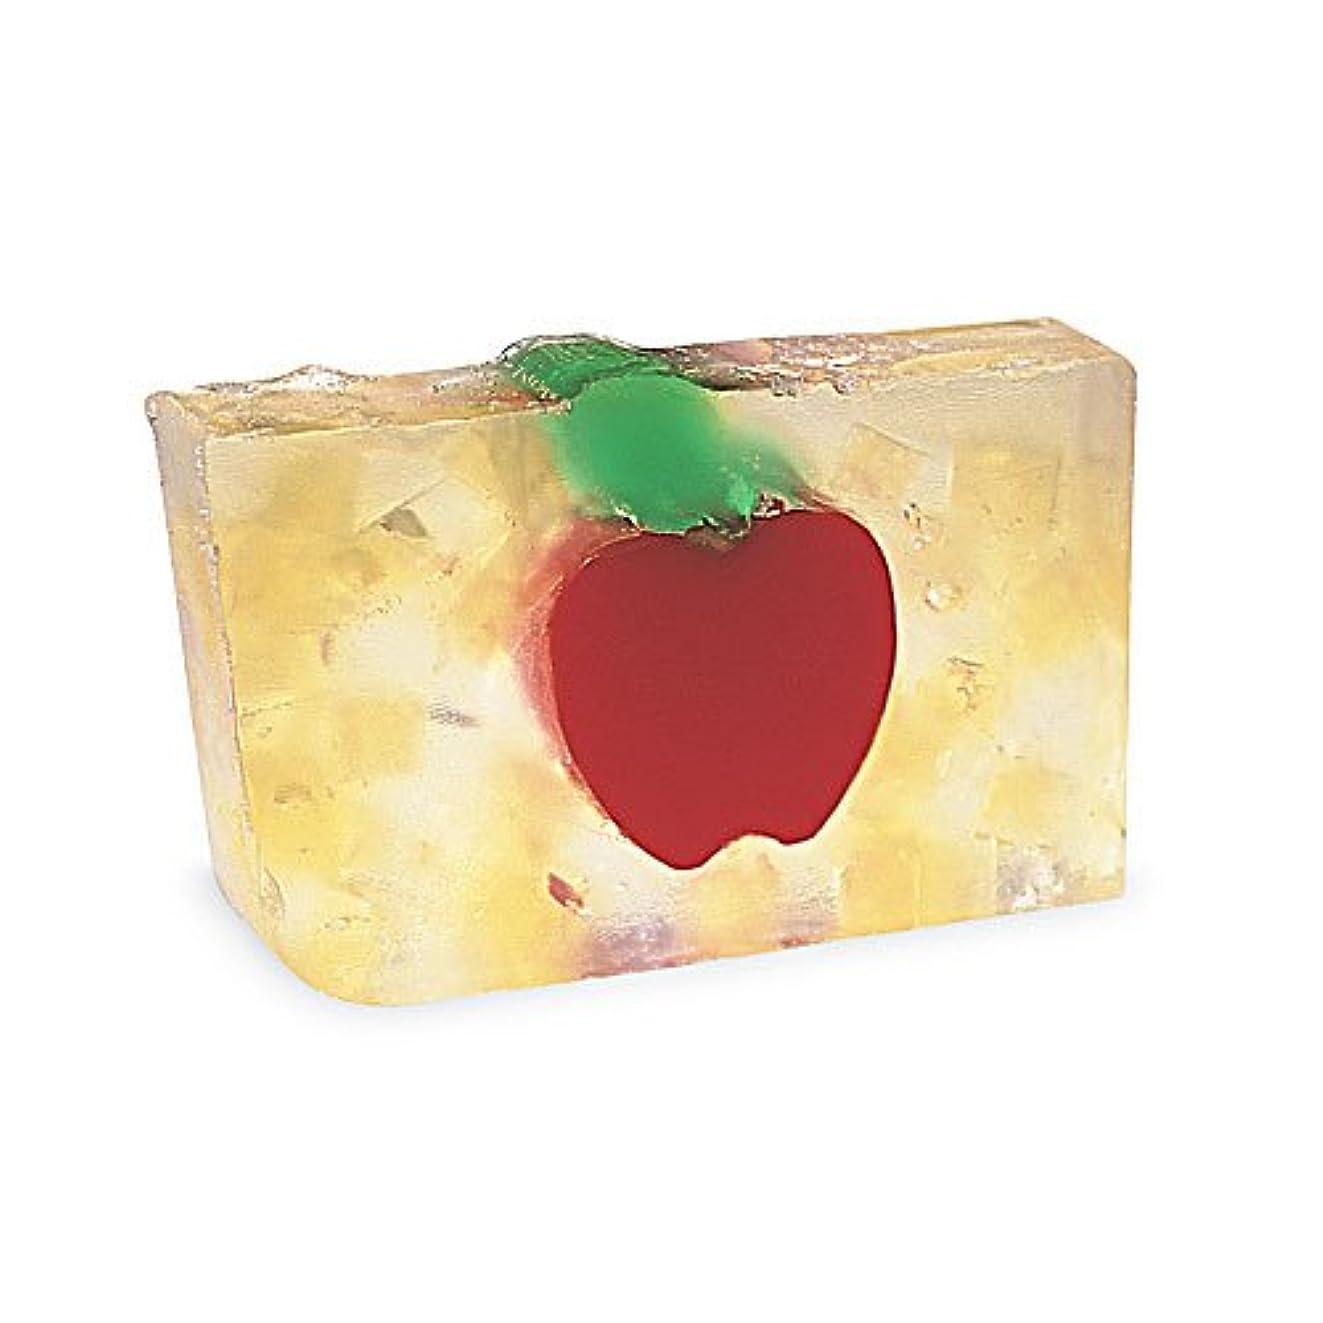 潜在的な属性リビジョンプライモールエレメンツ アロマティック ソープ ビッグアップル 180g 植物性 ナチュラル 石鹸 無添加